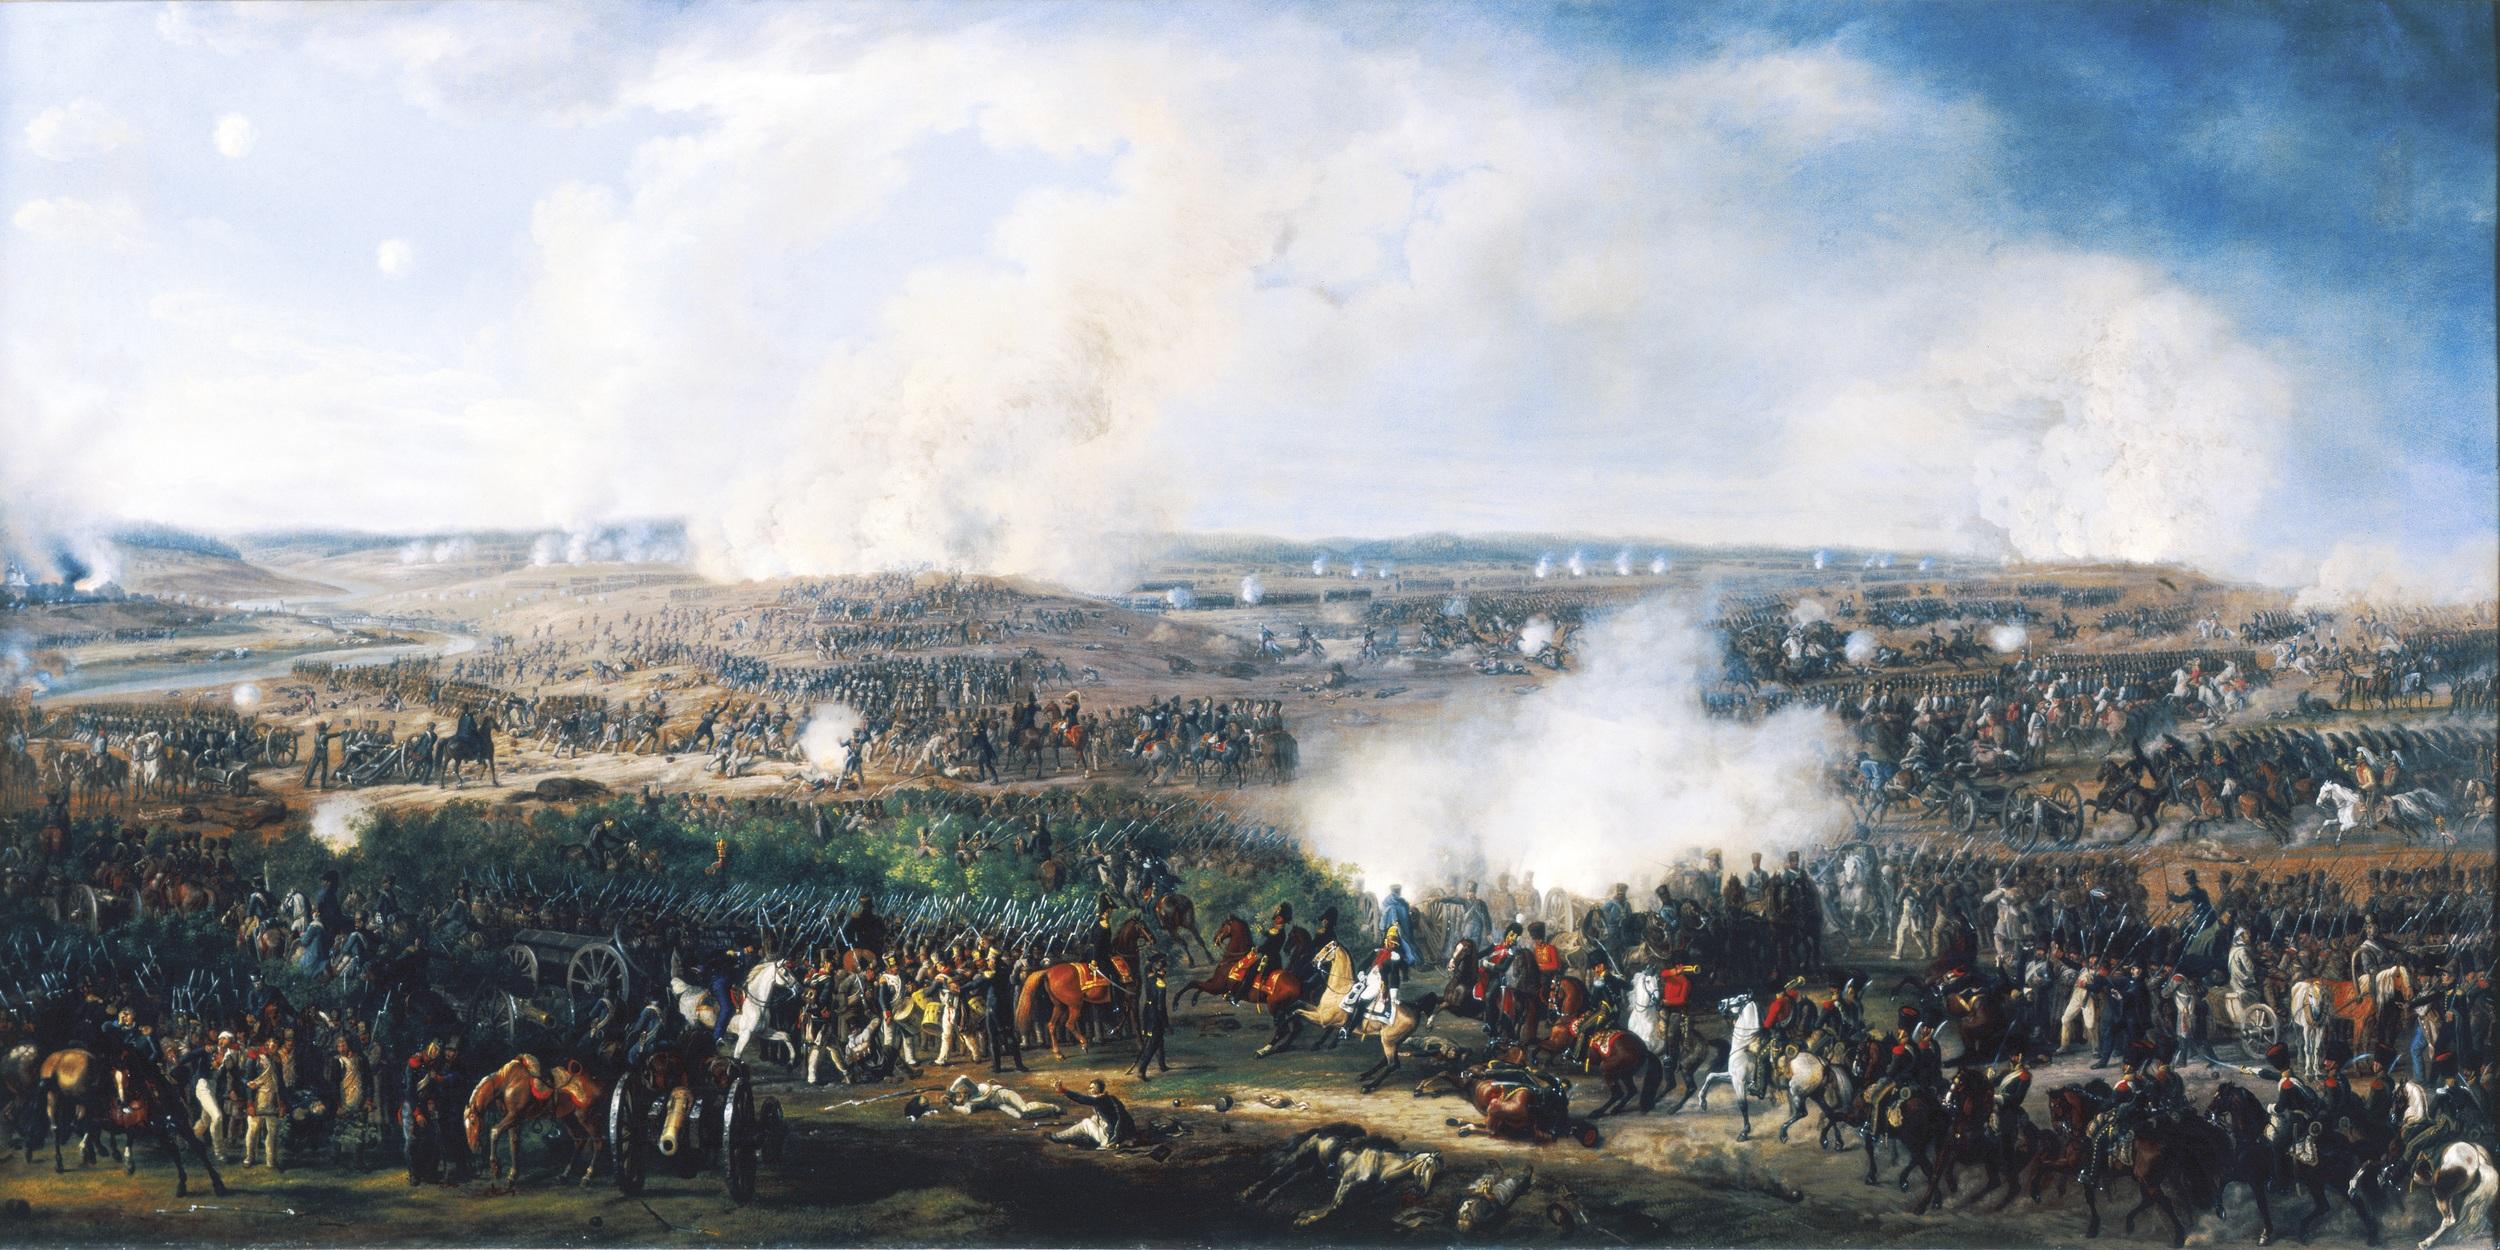 """""""Jämför tillståndet mellan din sida och motståndarens före slagets början och beräkna sannolikheten för seger. Strid får ej startas utan eftertanke. Det handlar om nationers framtid och människors liv och död. Fly från strider du inte kan vinna.""""      24 oktober 1812 möttes 20-tusen av Napoleons italienska soldater, under ledning av Eugène de Beauharnais, lika många ryssar ledda av Michail Kutuzov. Slaget som inte var något av de större resulterade bara i att femtusen italienare och sextusen ryssar miste livet."""